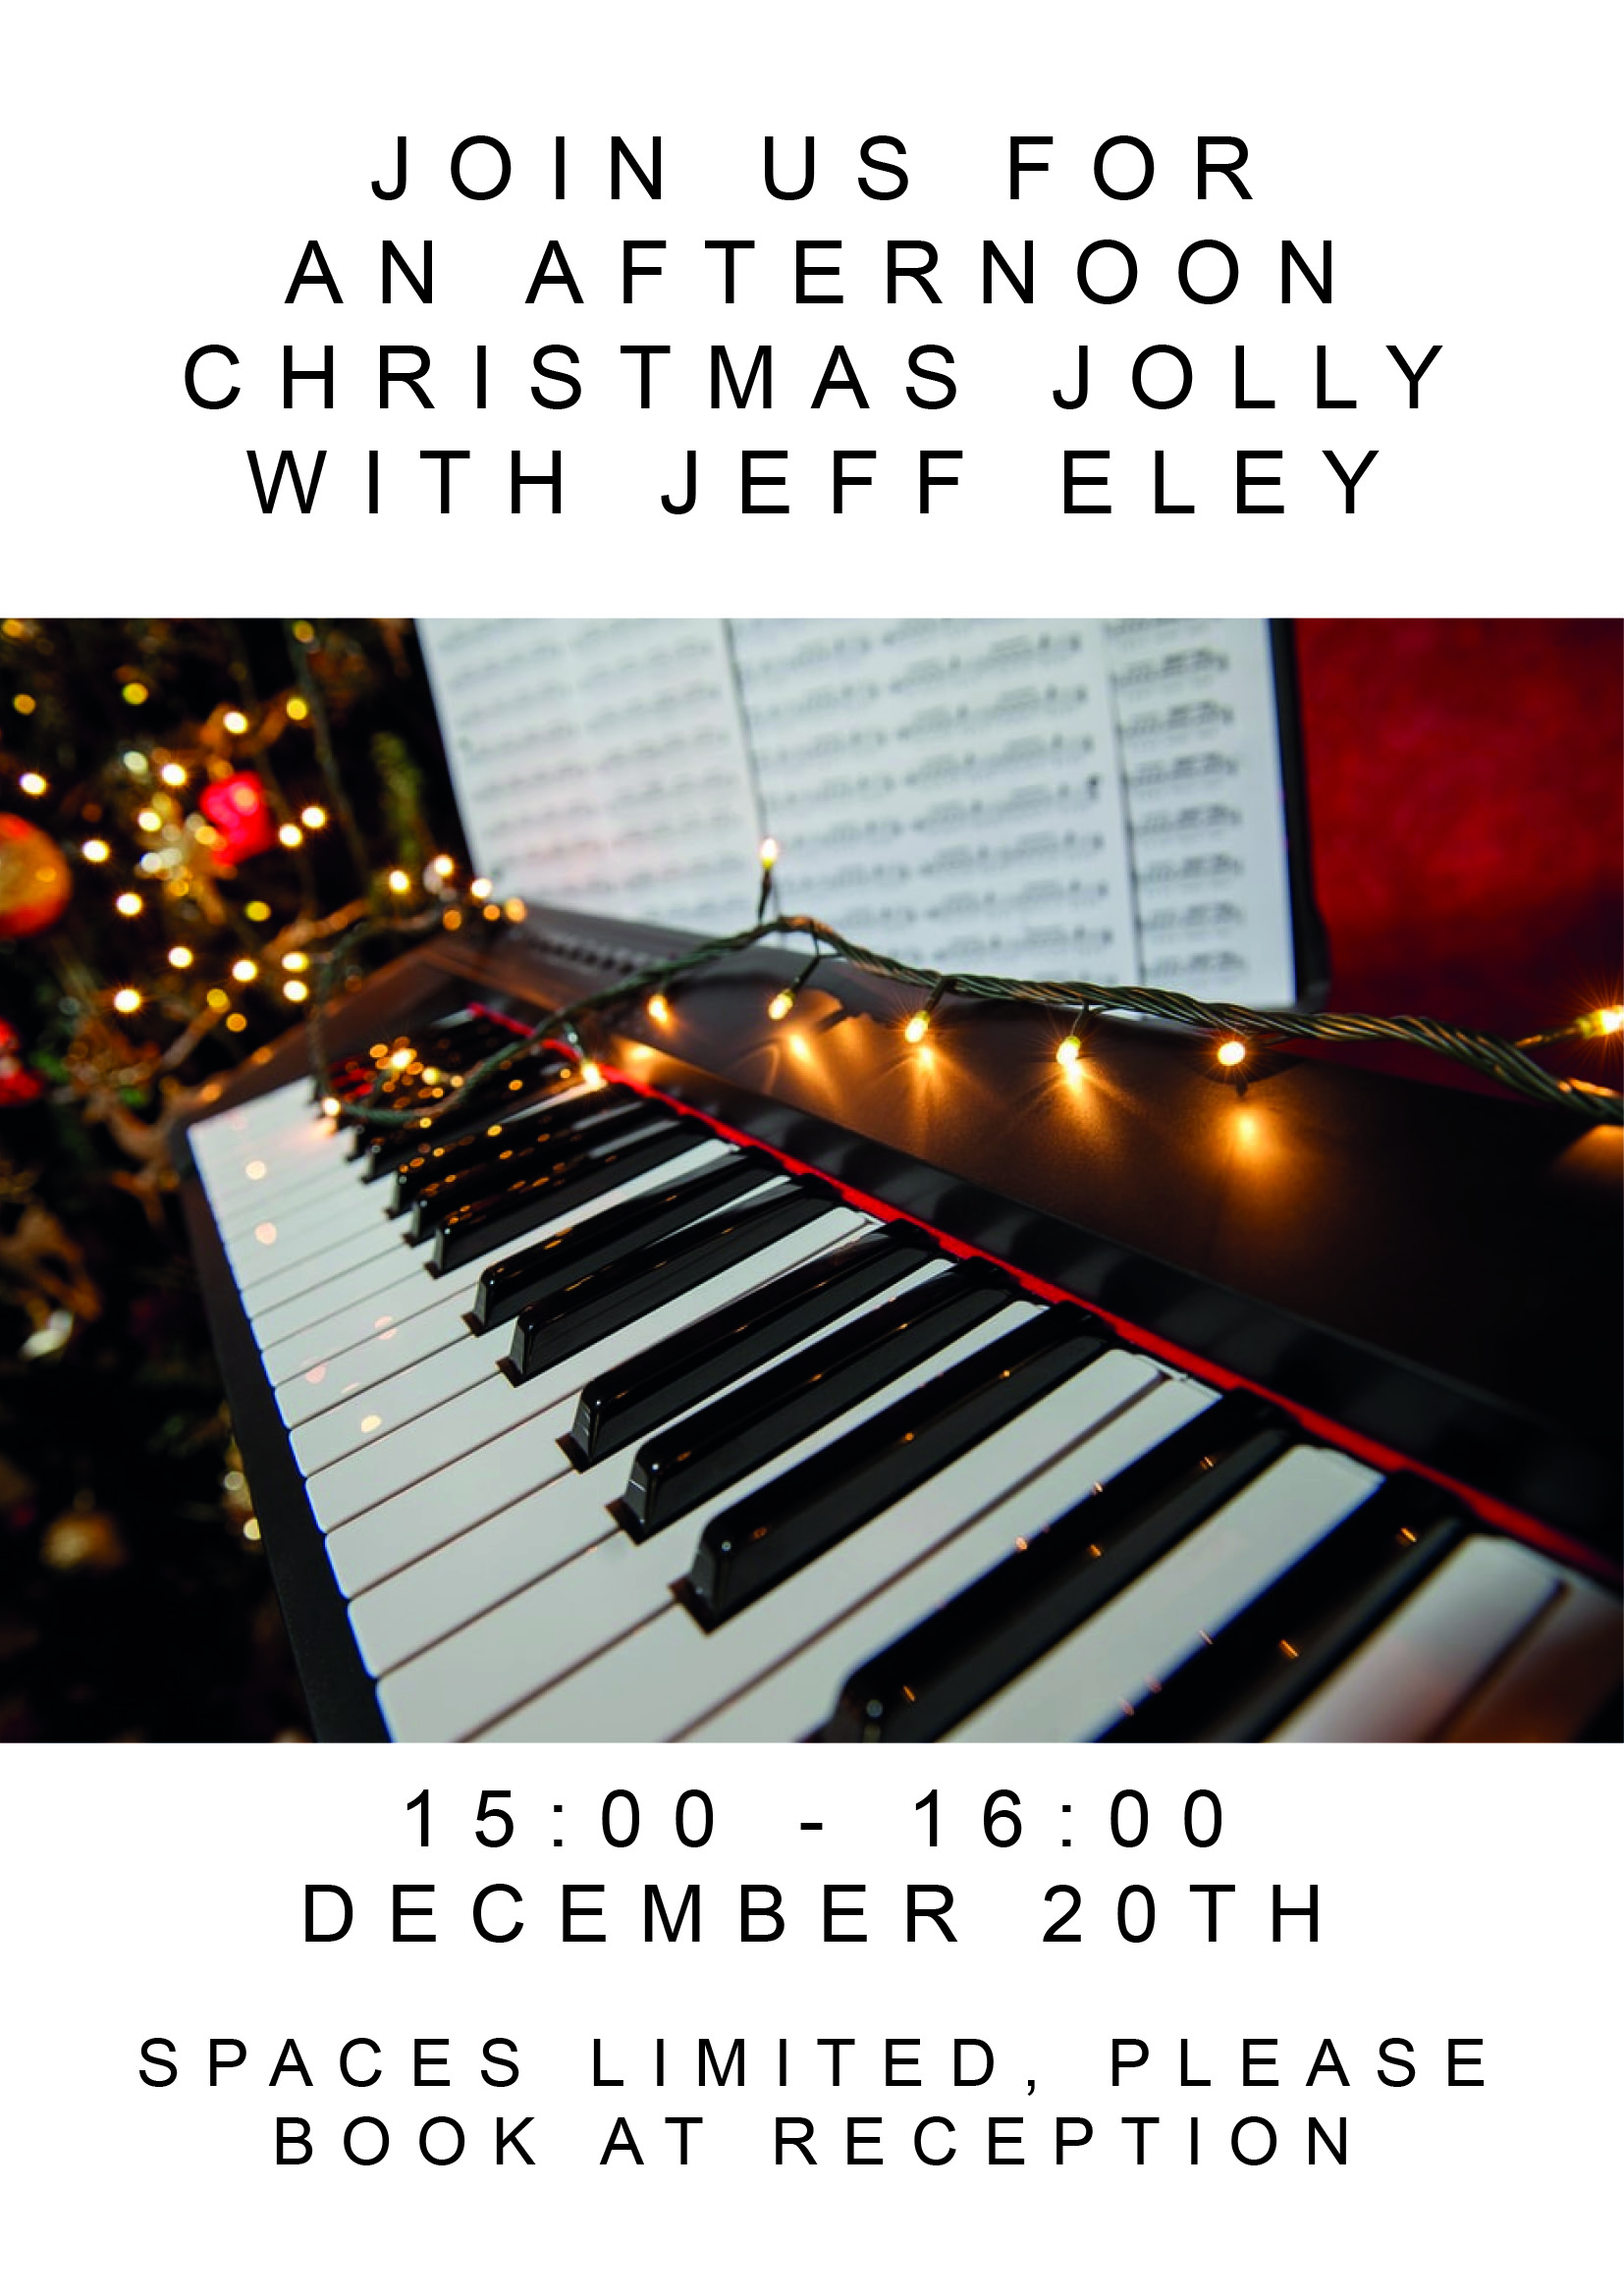 JEFF ELEY CHRISTMAS